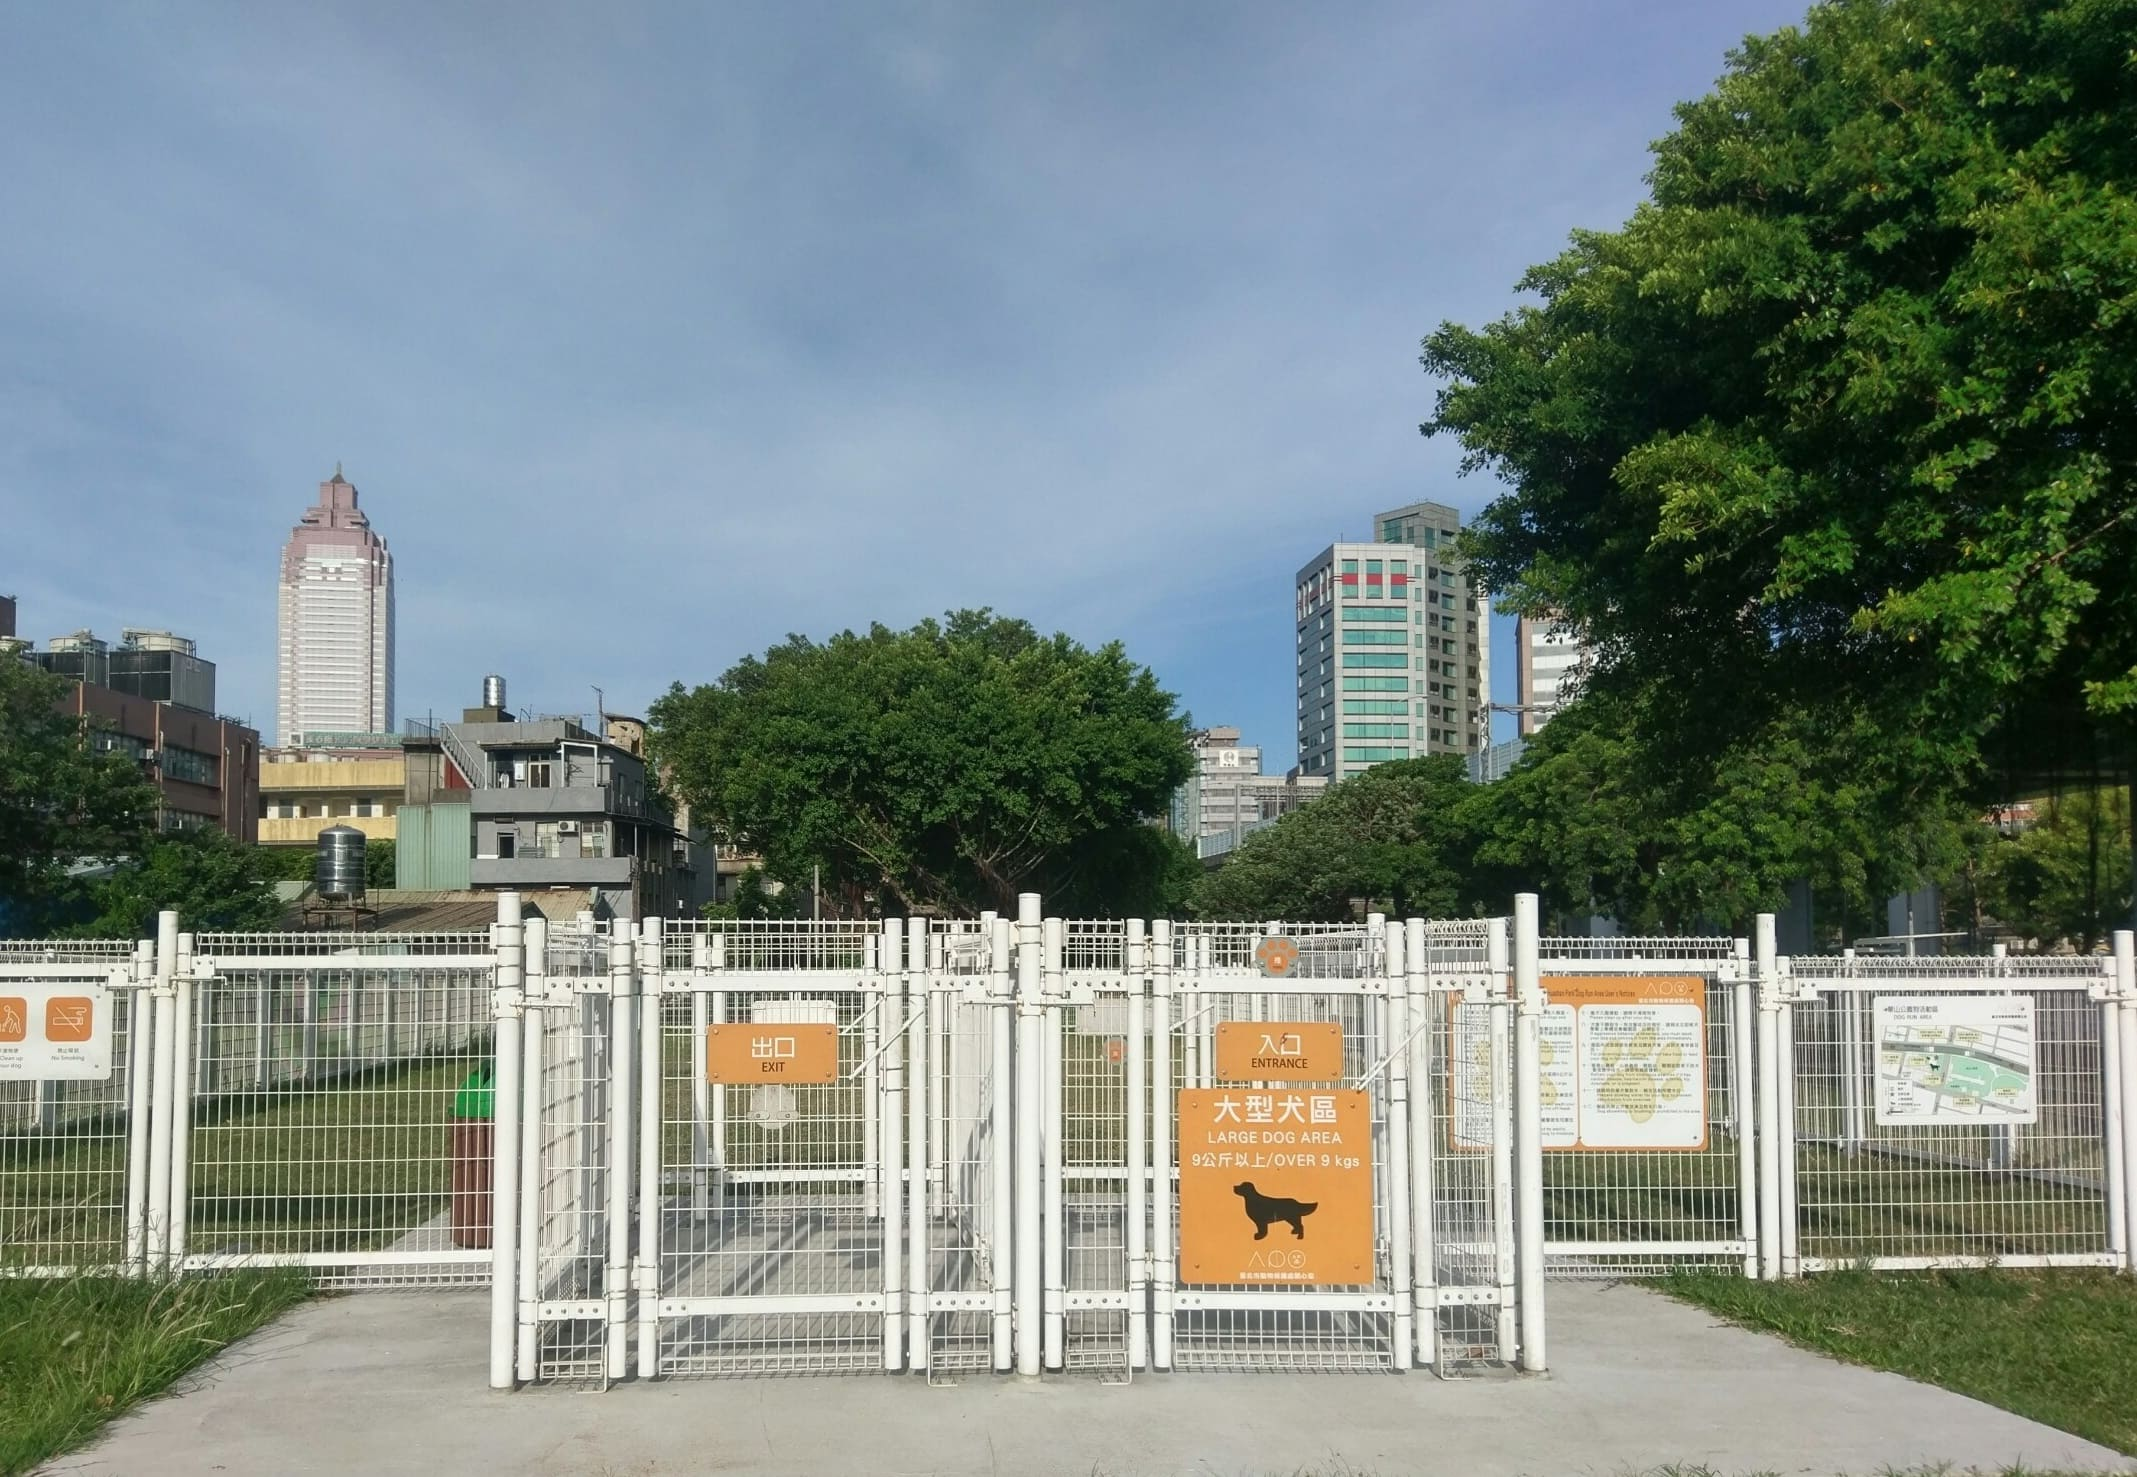 華山公園設立台北市首個狗活動區,讓犬隻能夠在都會區擺脫繫繩的束縛。圖/北市府產業發展局